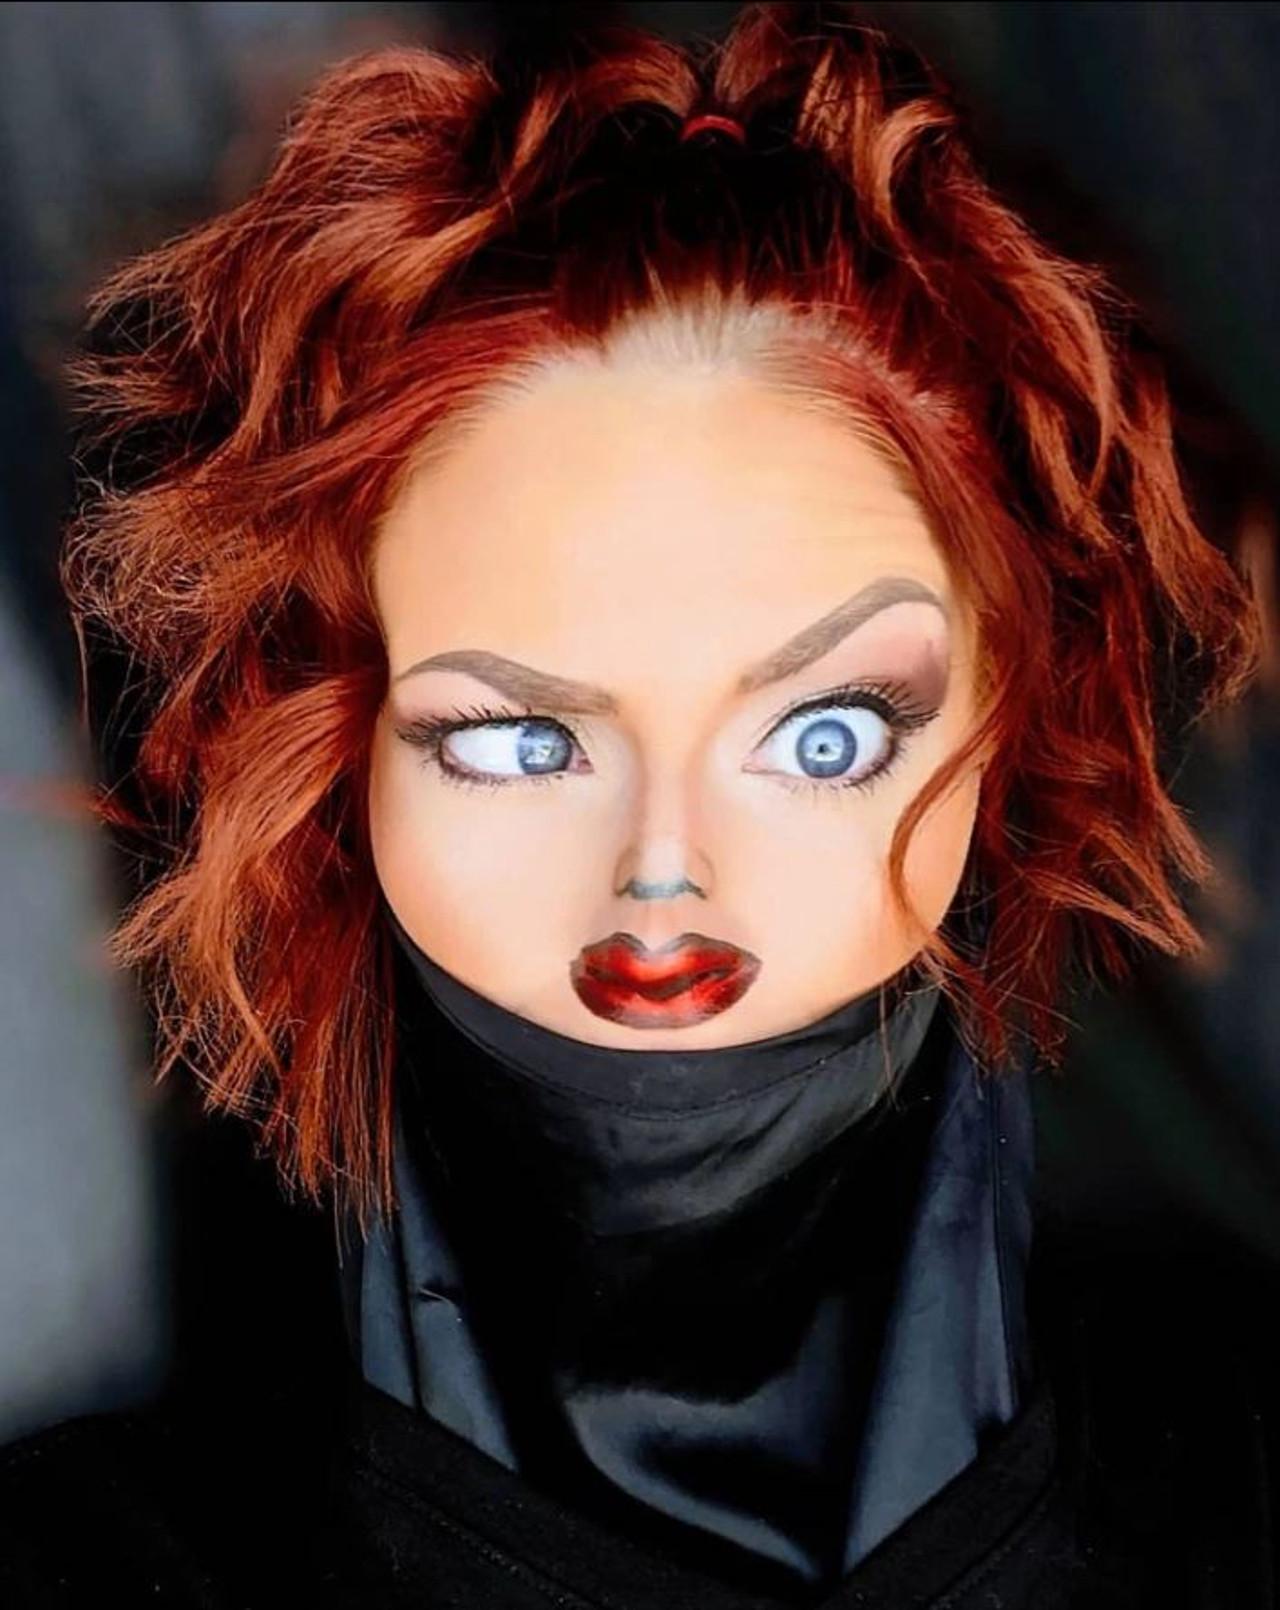 Makijaż ze złudzeniem optycznym podbija sieć